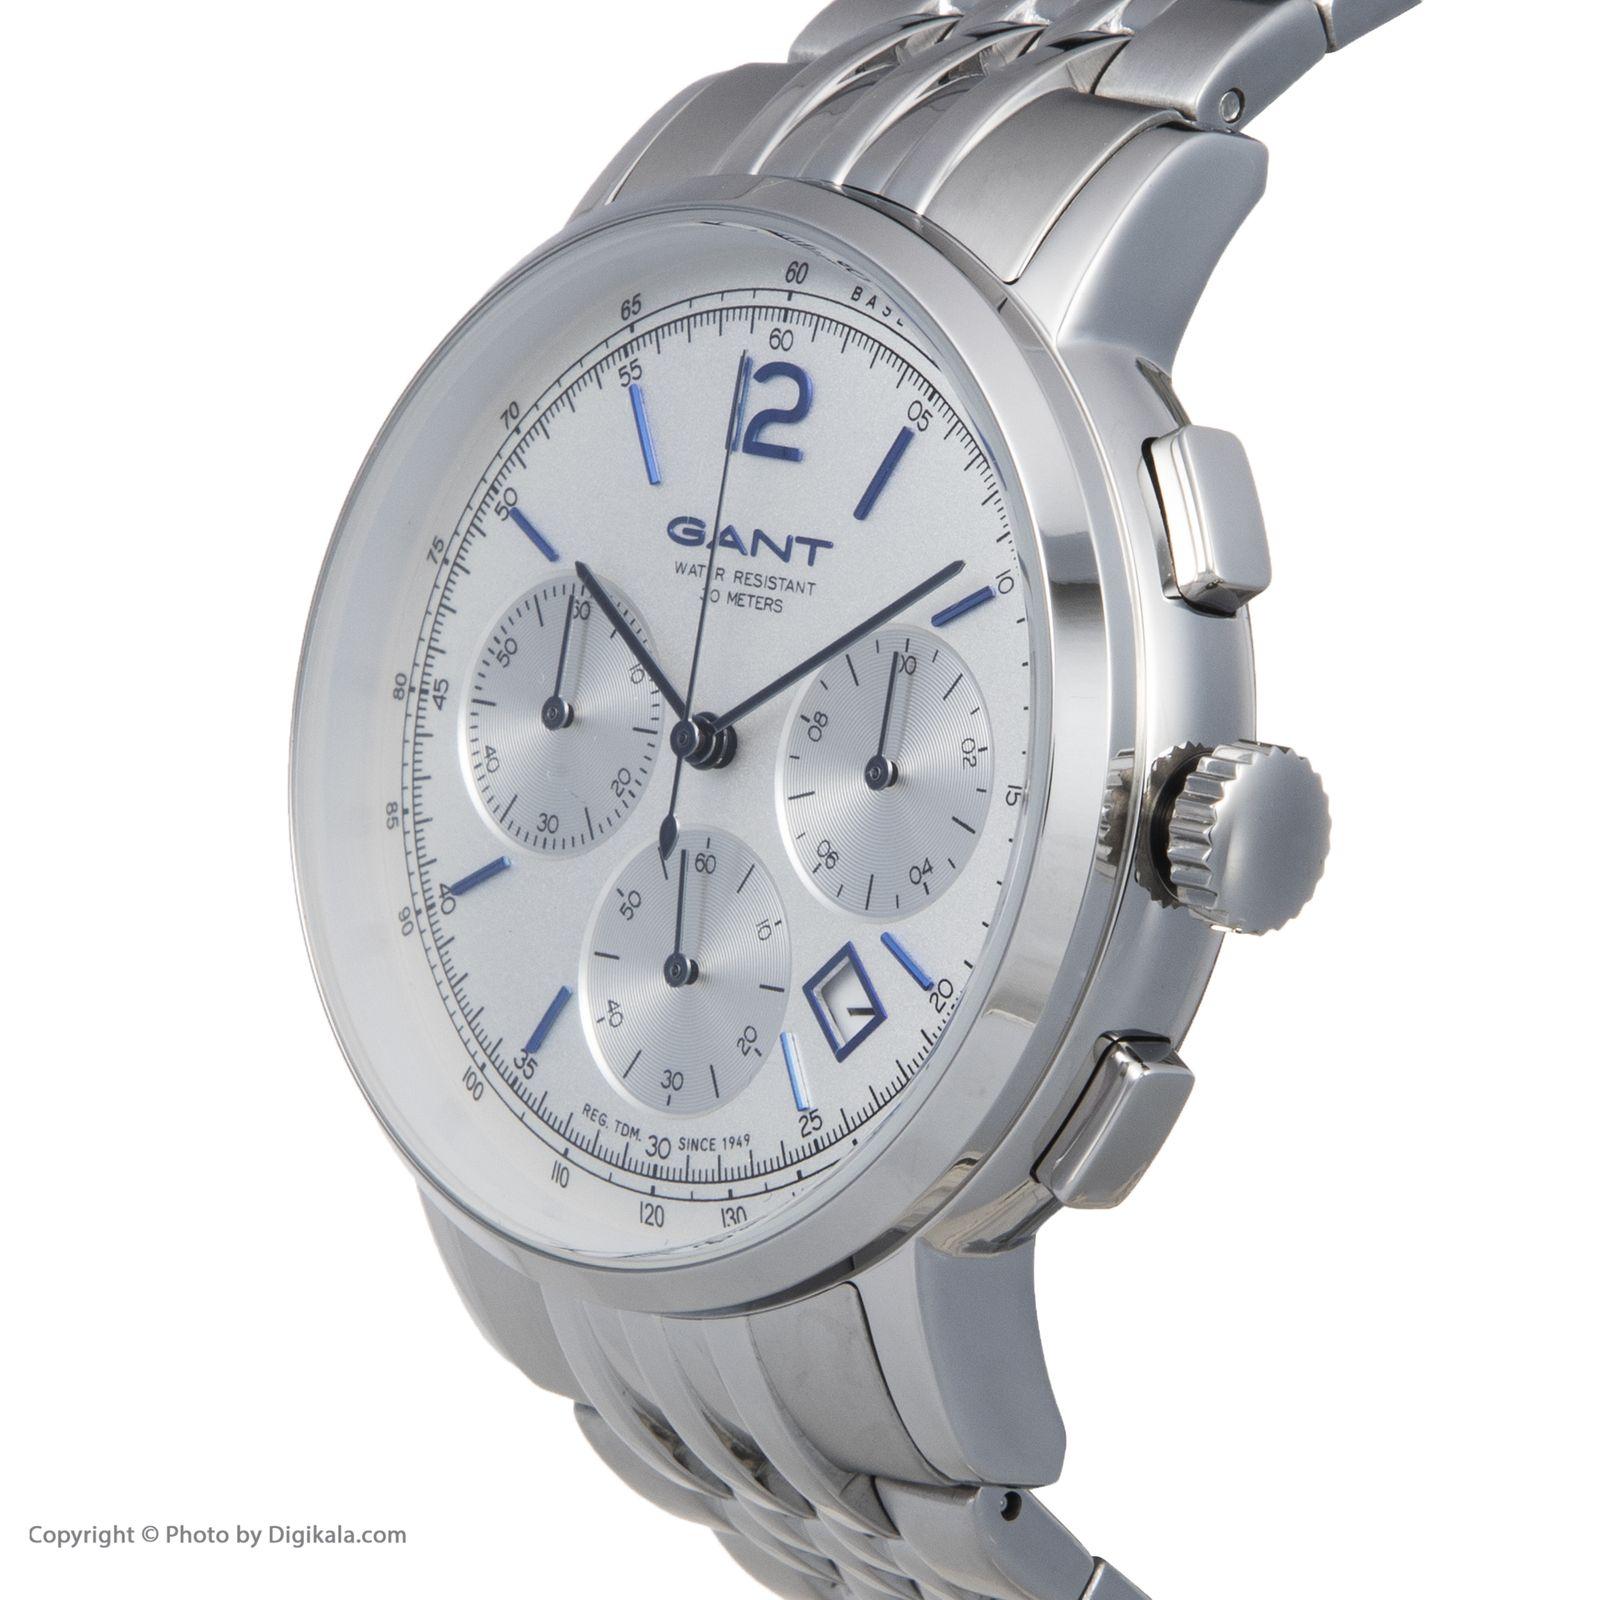 ساعت مچی عقربه ای مردانه گنت مدل GWW079003 -  - 5